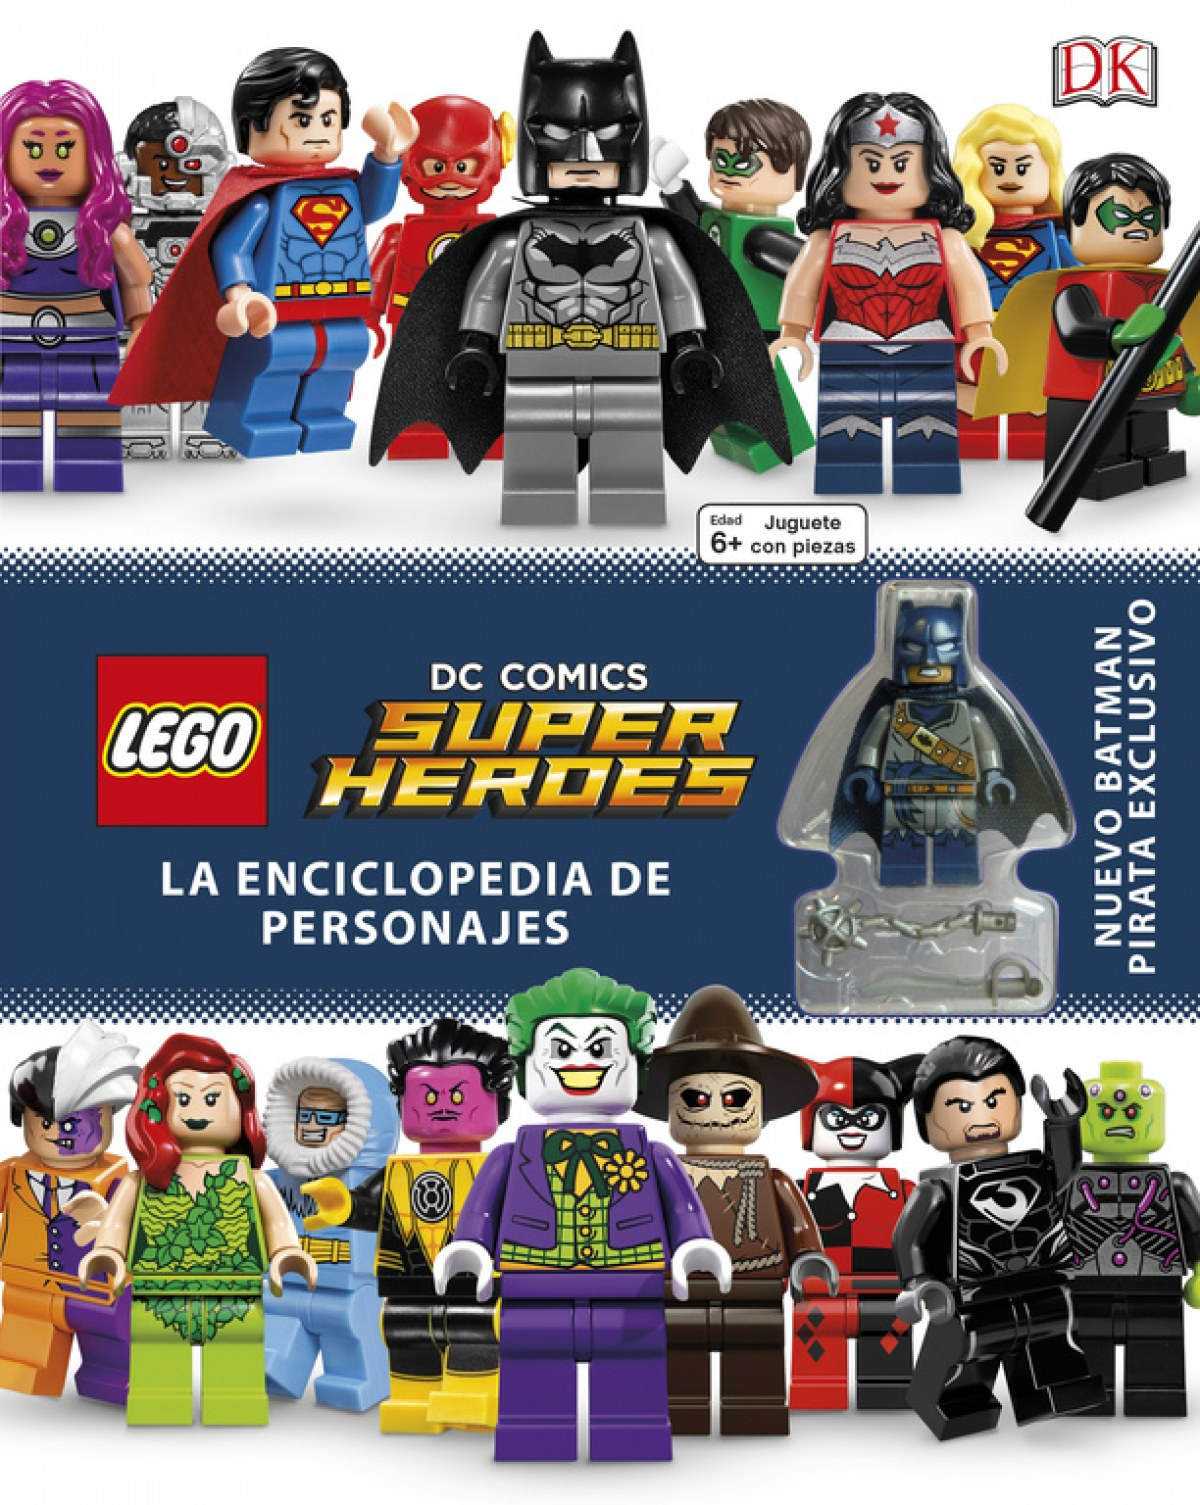 LEGO DC COMICS ENCICLOPEDIA DE PERSONAJES